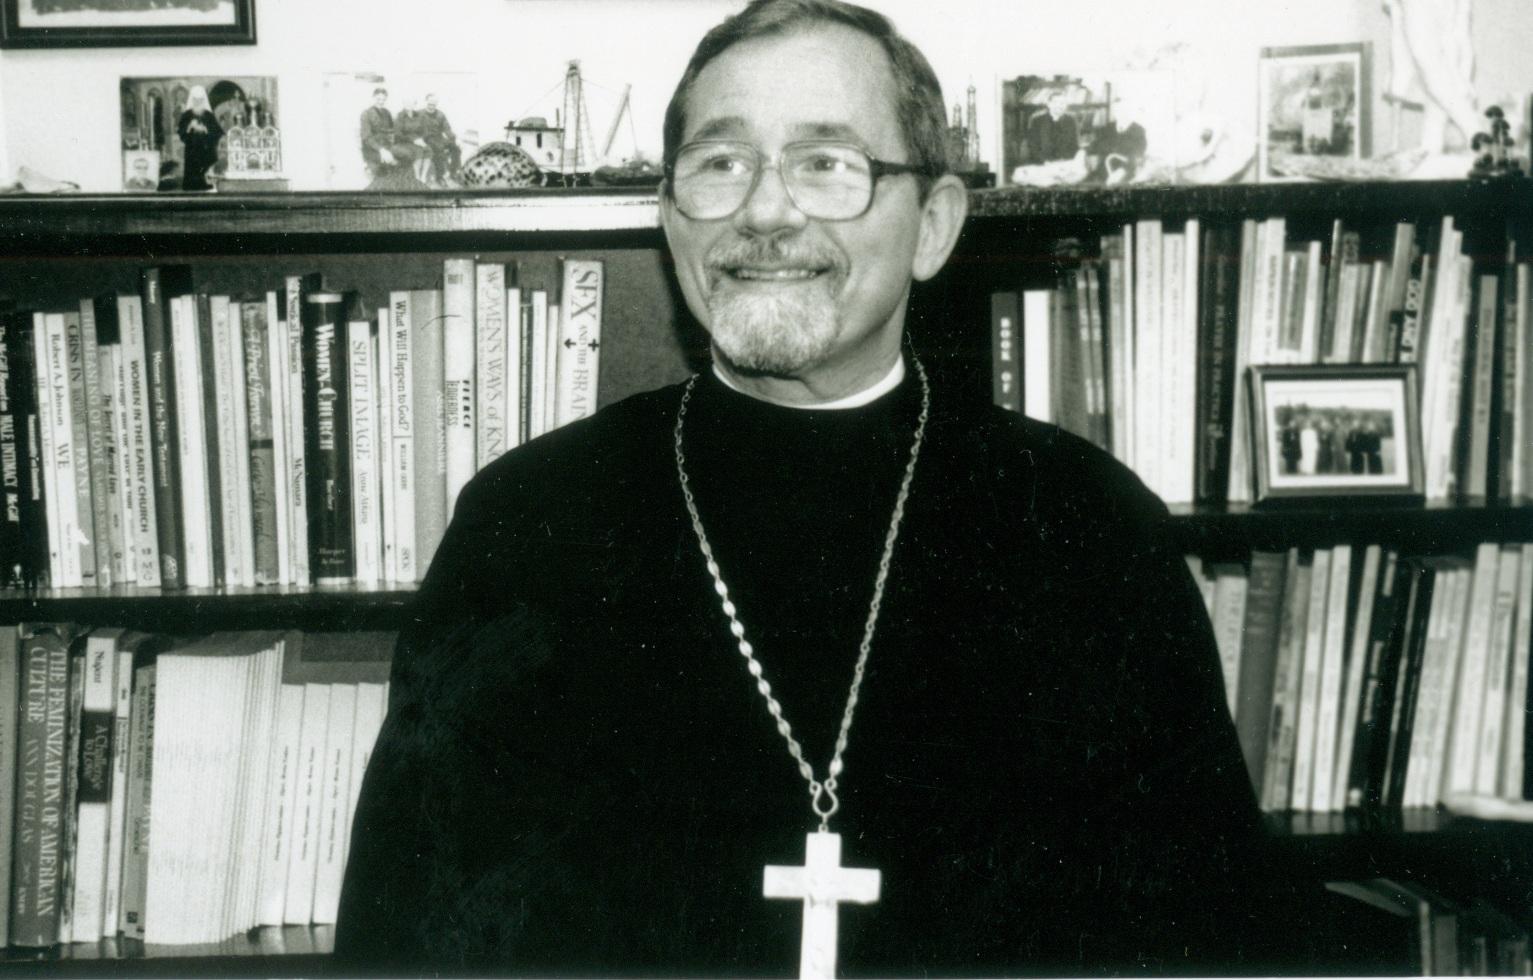 +Fr. Tom Hopko